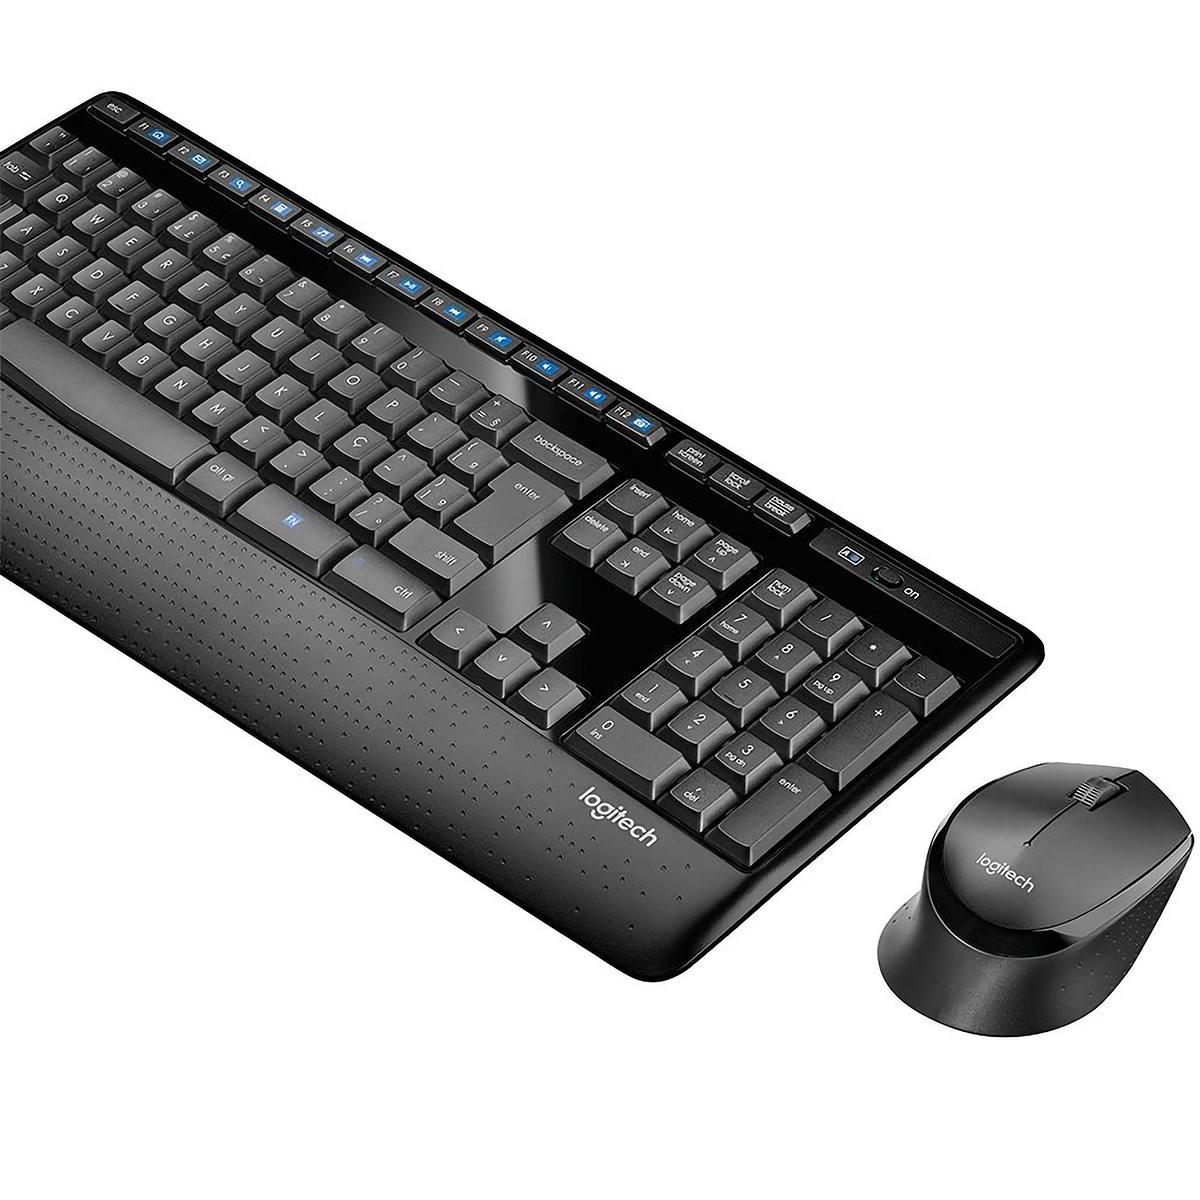 Combo Teclado e Mouse Sem Fio Logitech MK345 Wireless ABNT2 Bateria de Longa Duração 920-007821 Preto